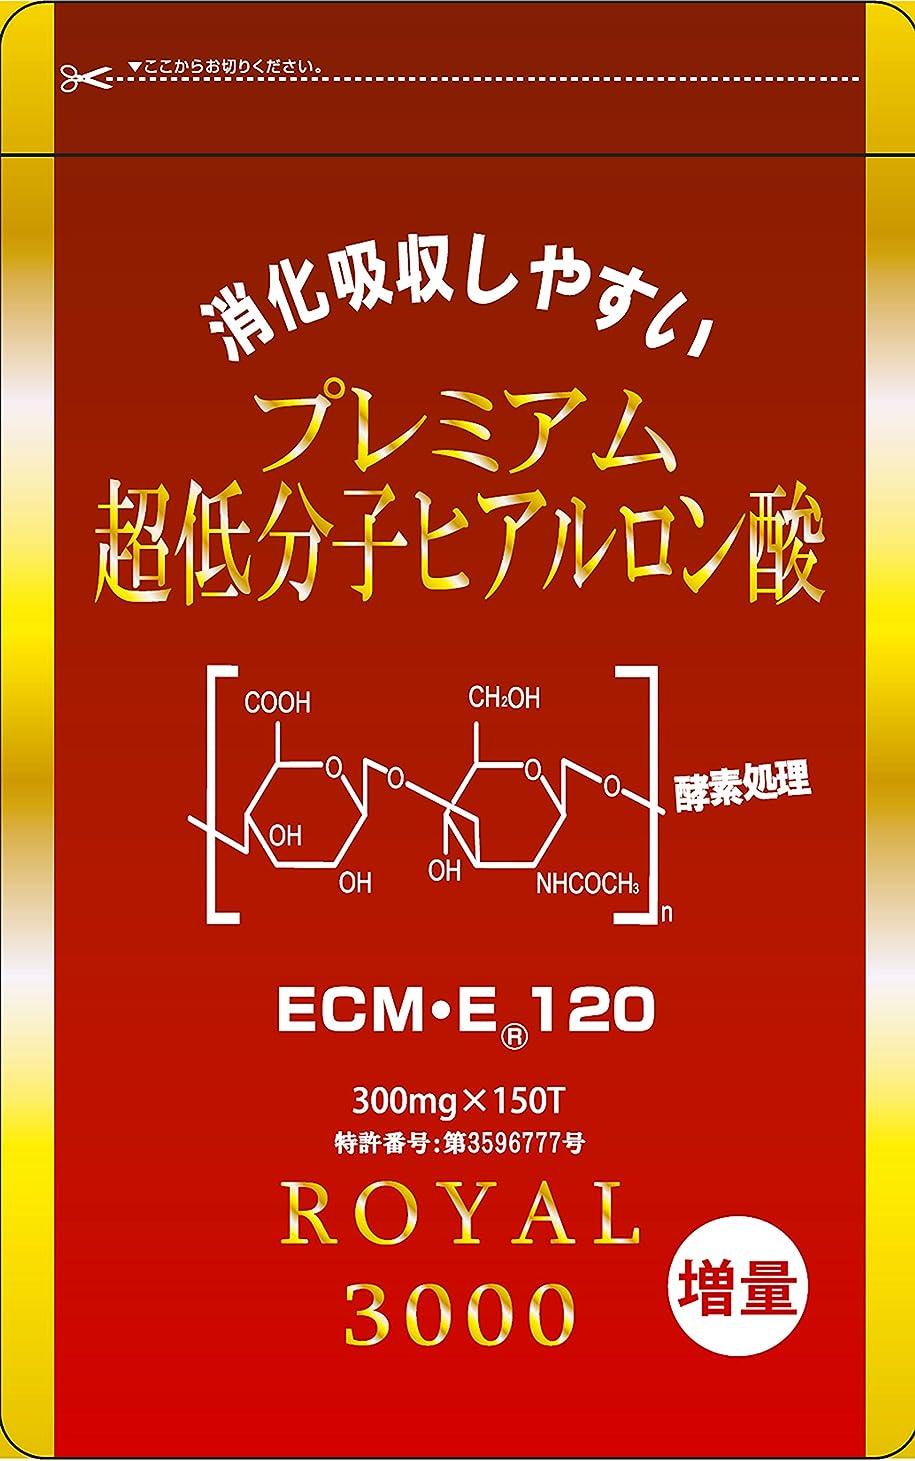 意気揚々人質ナイロン【ヒアルロン酸 サプリ】【ヒアルロン酸 コラーゲン】[ヒアルロン酸」超低分子ヒアルロン酸ECME120(増量) 150粒入り ECME/Natural Hyaluronicacid (10袋)